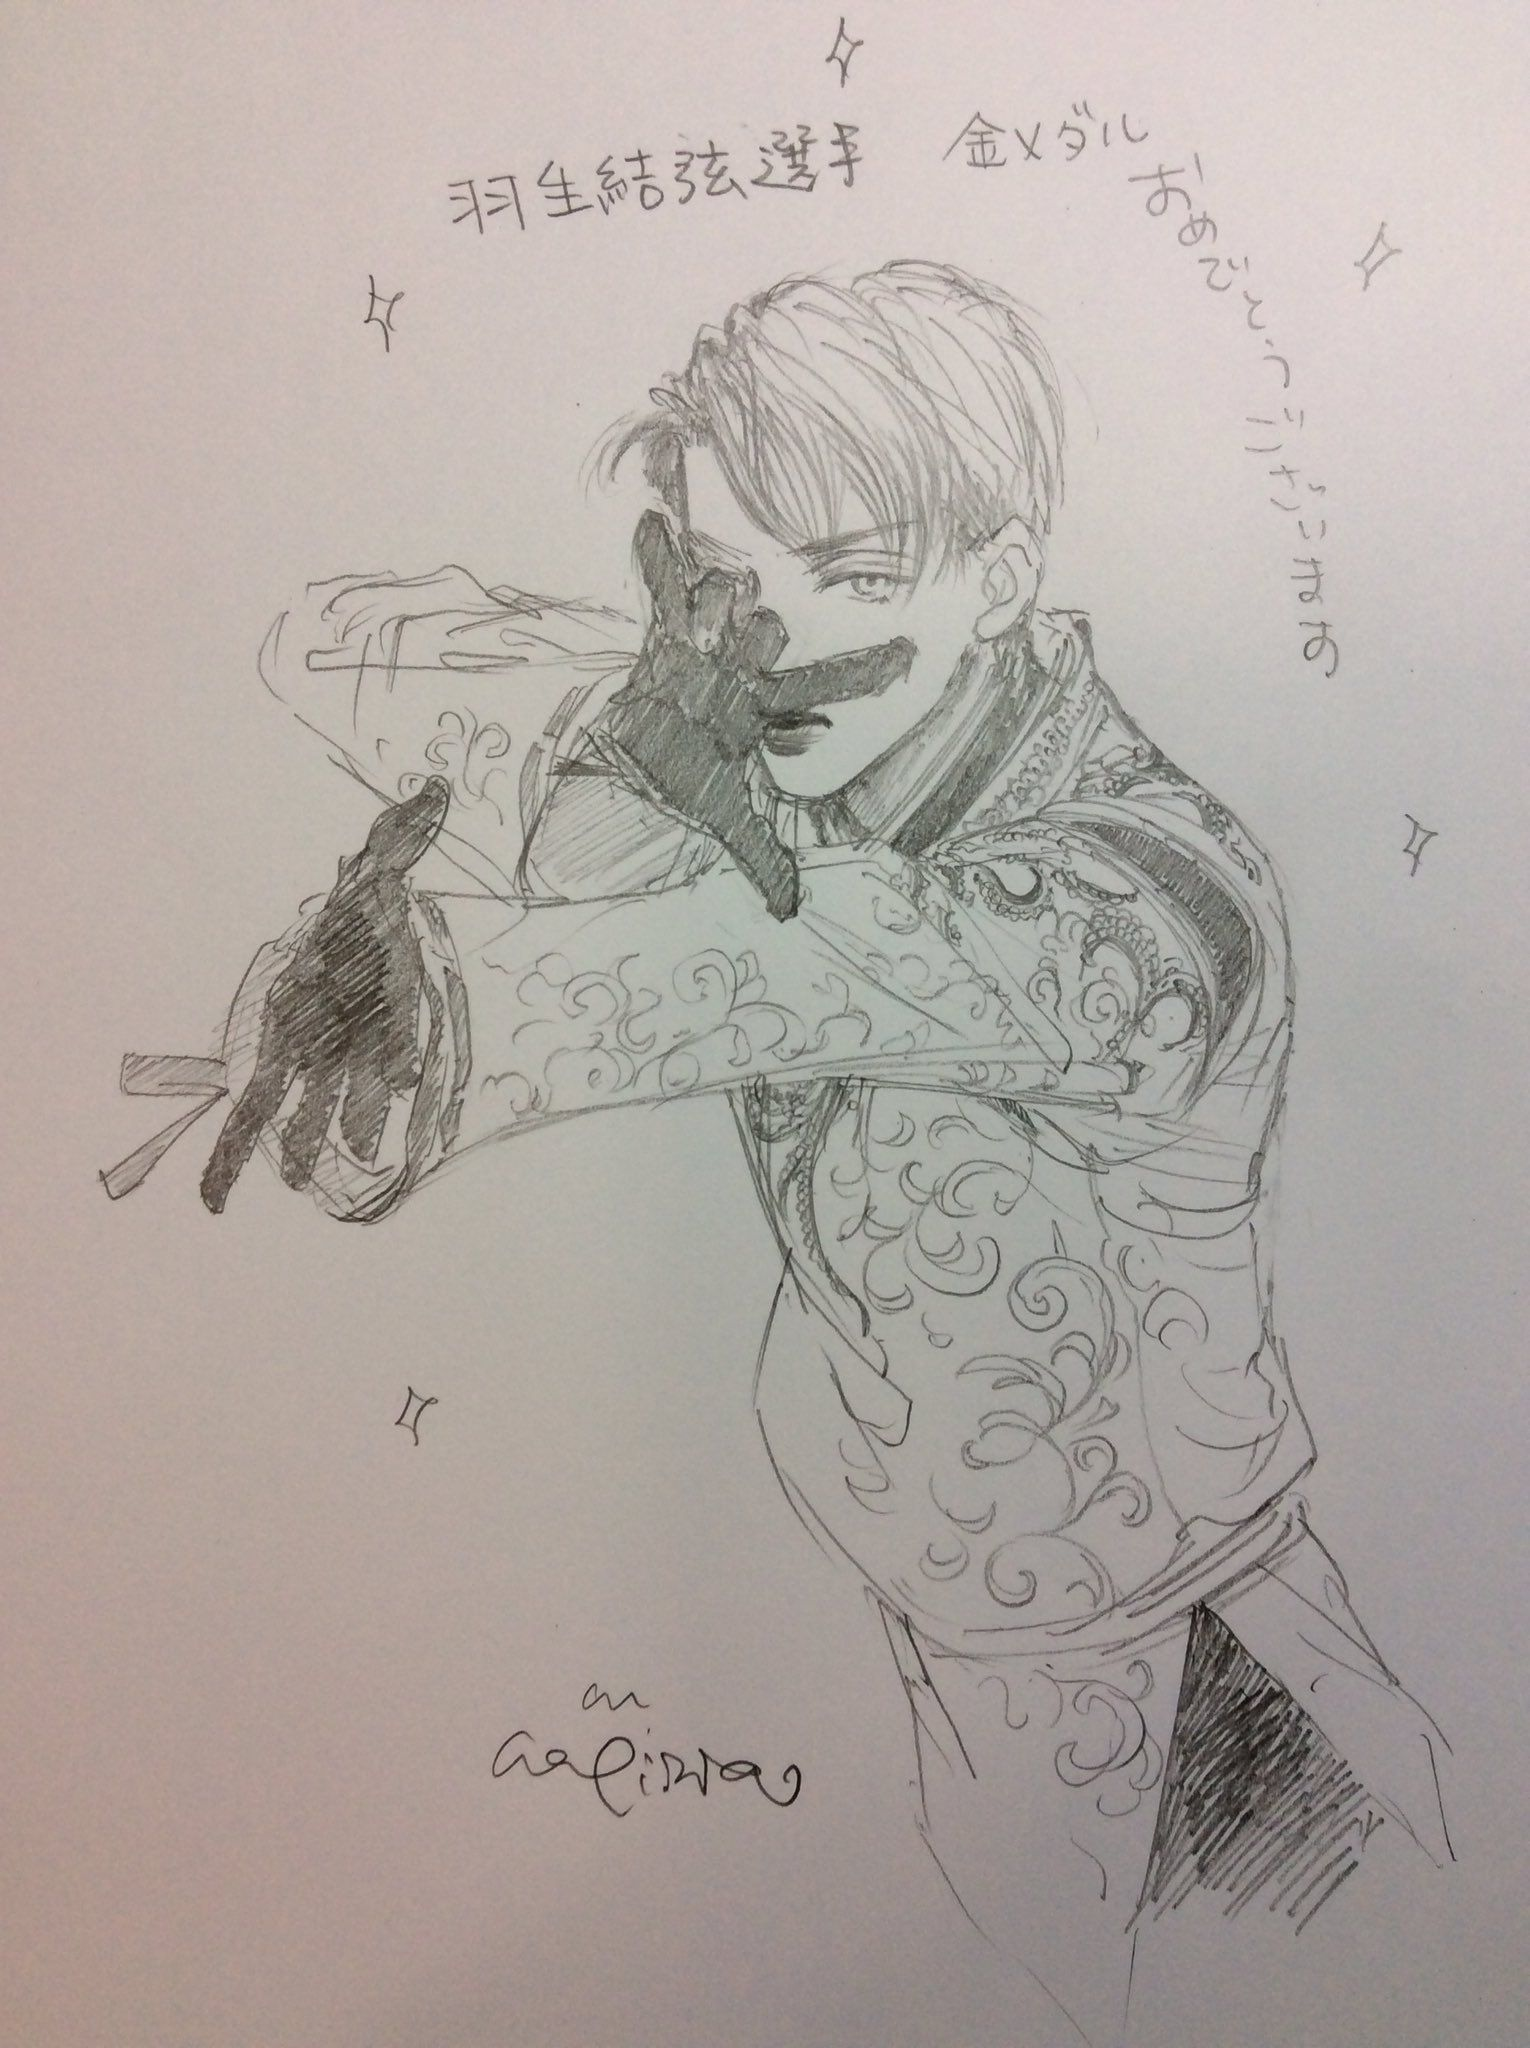 羽生結弦選手の金メダルを祝して描かれた漫画家絵師さんによる美麗